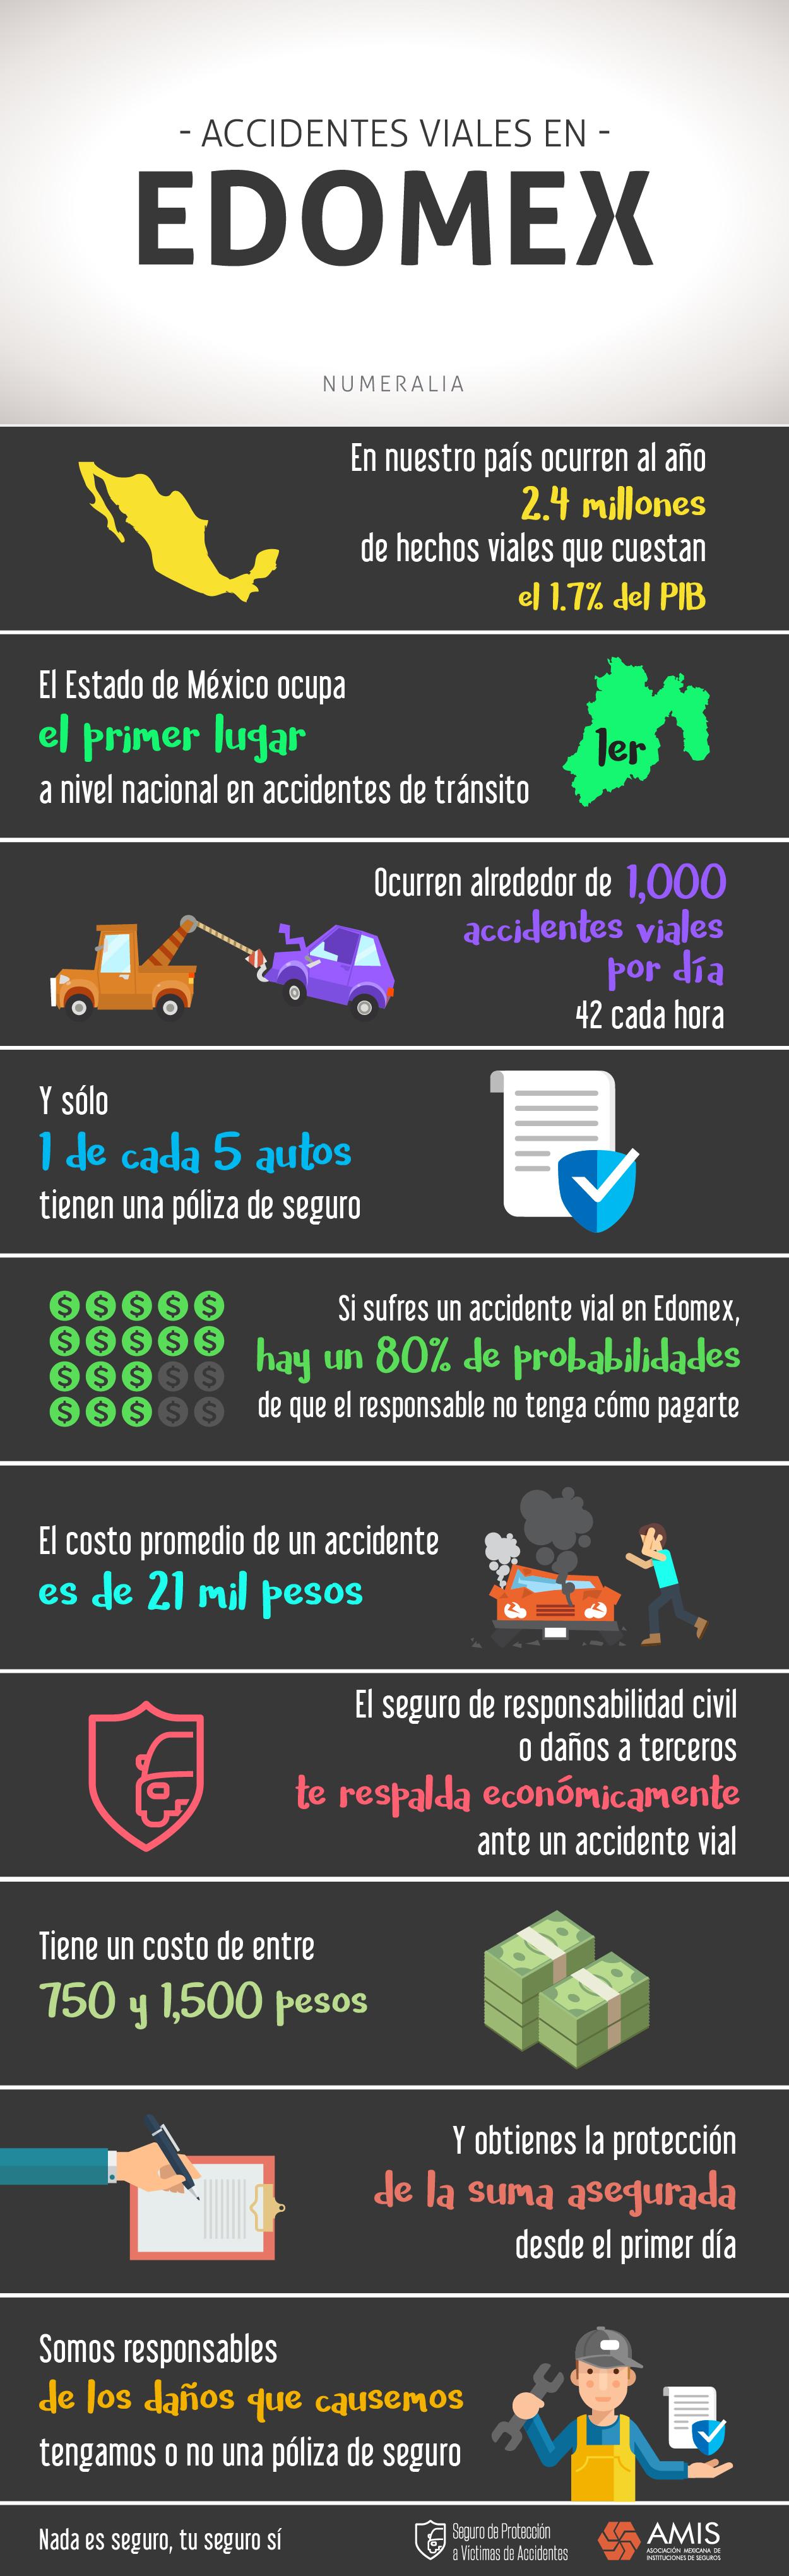 accidentes viales edomex